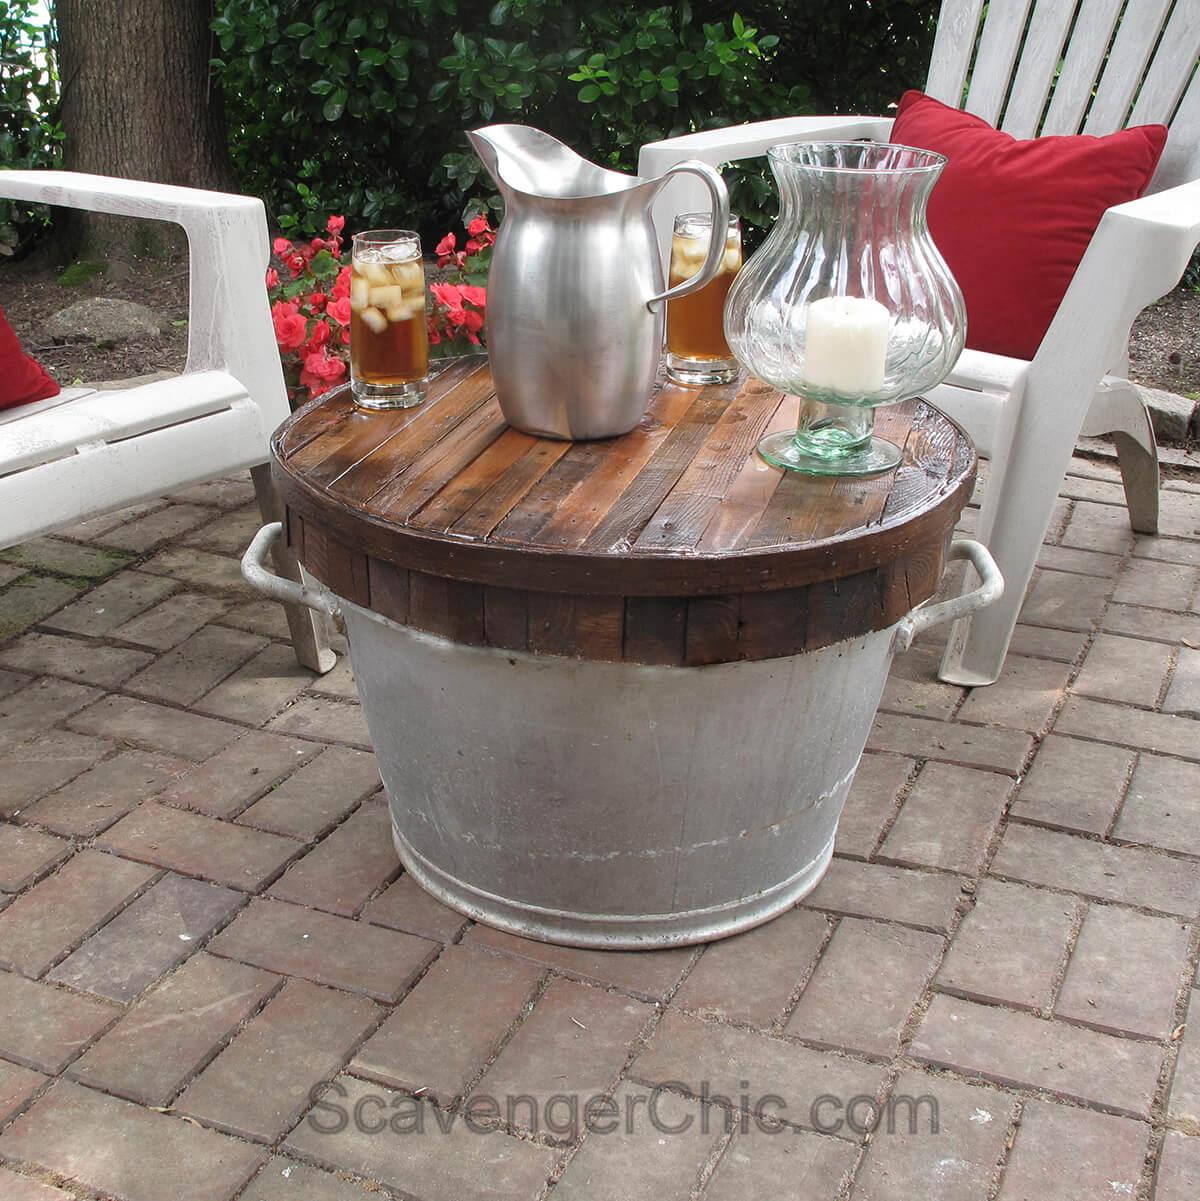 Weatherproof Outside Table with Galvanized Bucket Base